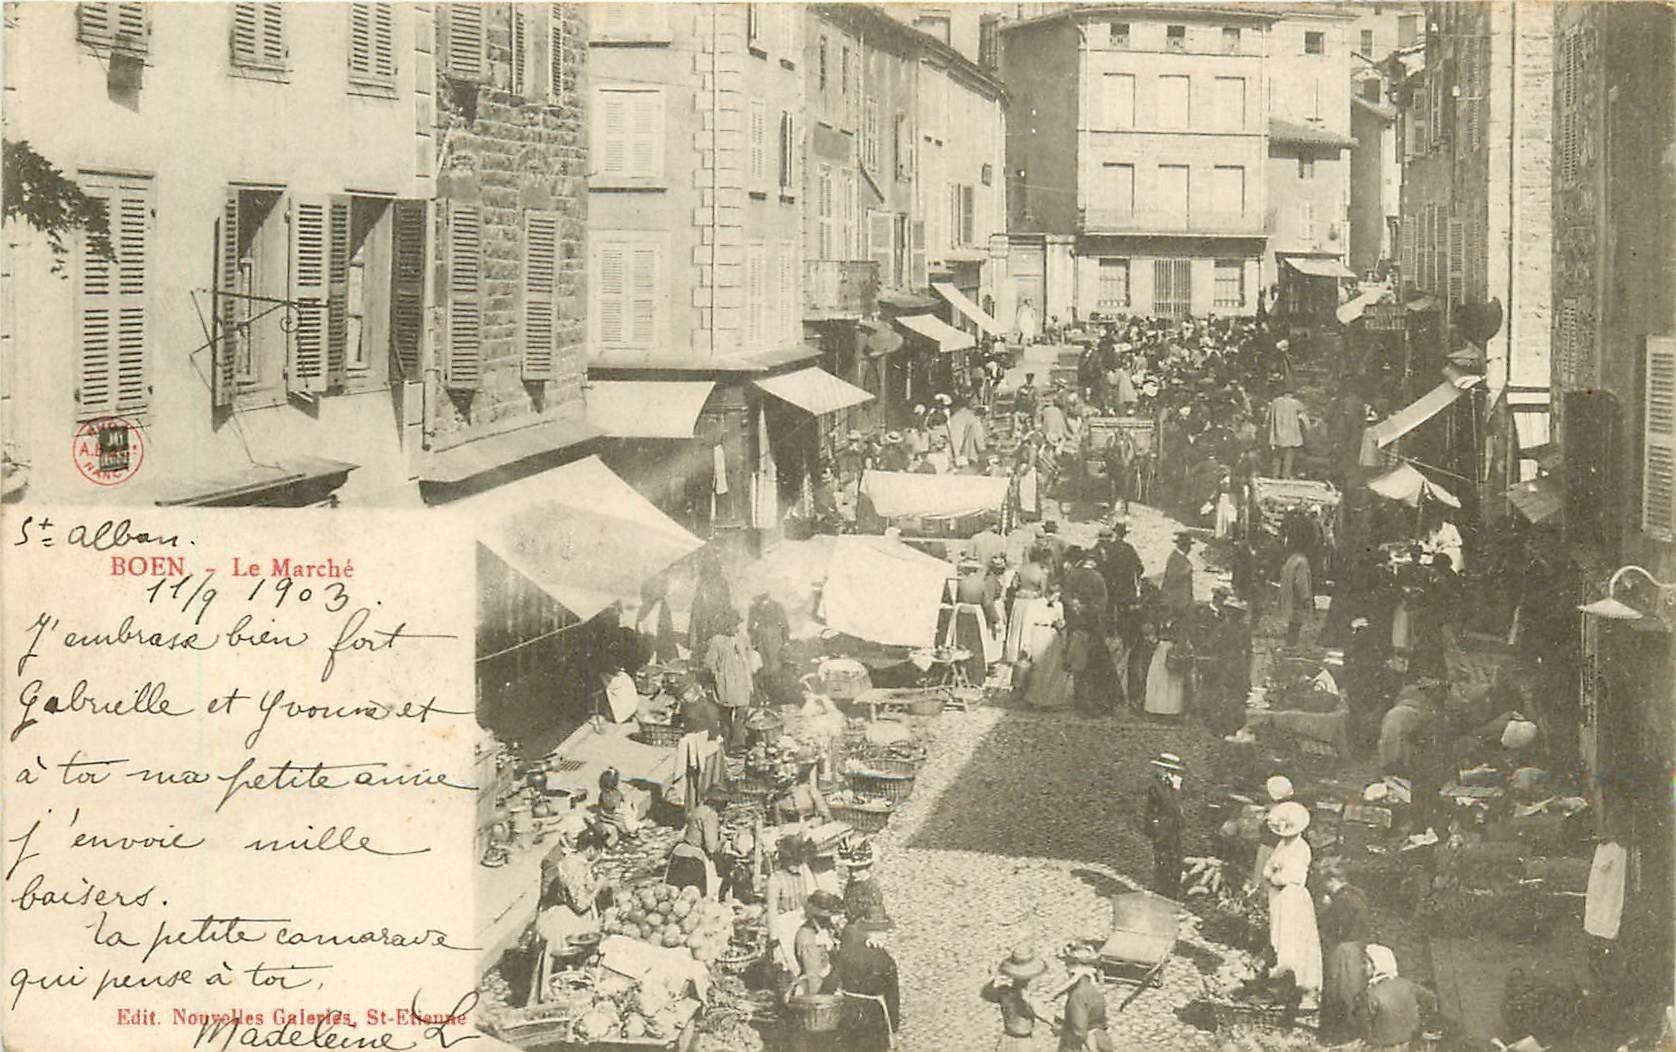 WW 42 BOEN. Le Marché 1903